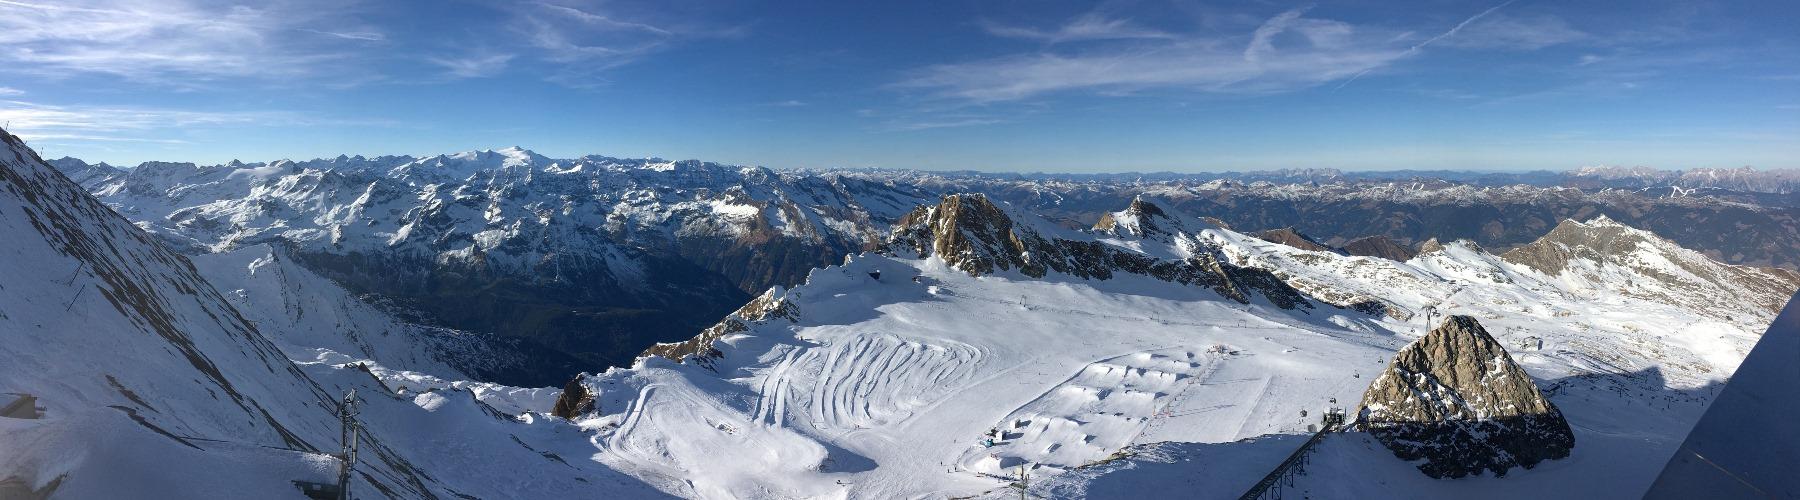 Sneeuwzeker Skiën op de Kitzsteinhorn